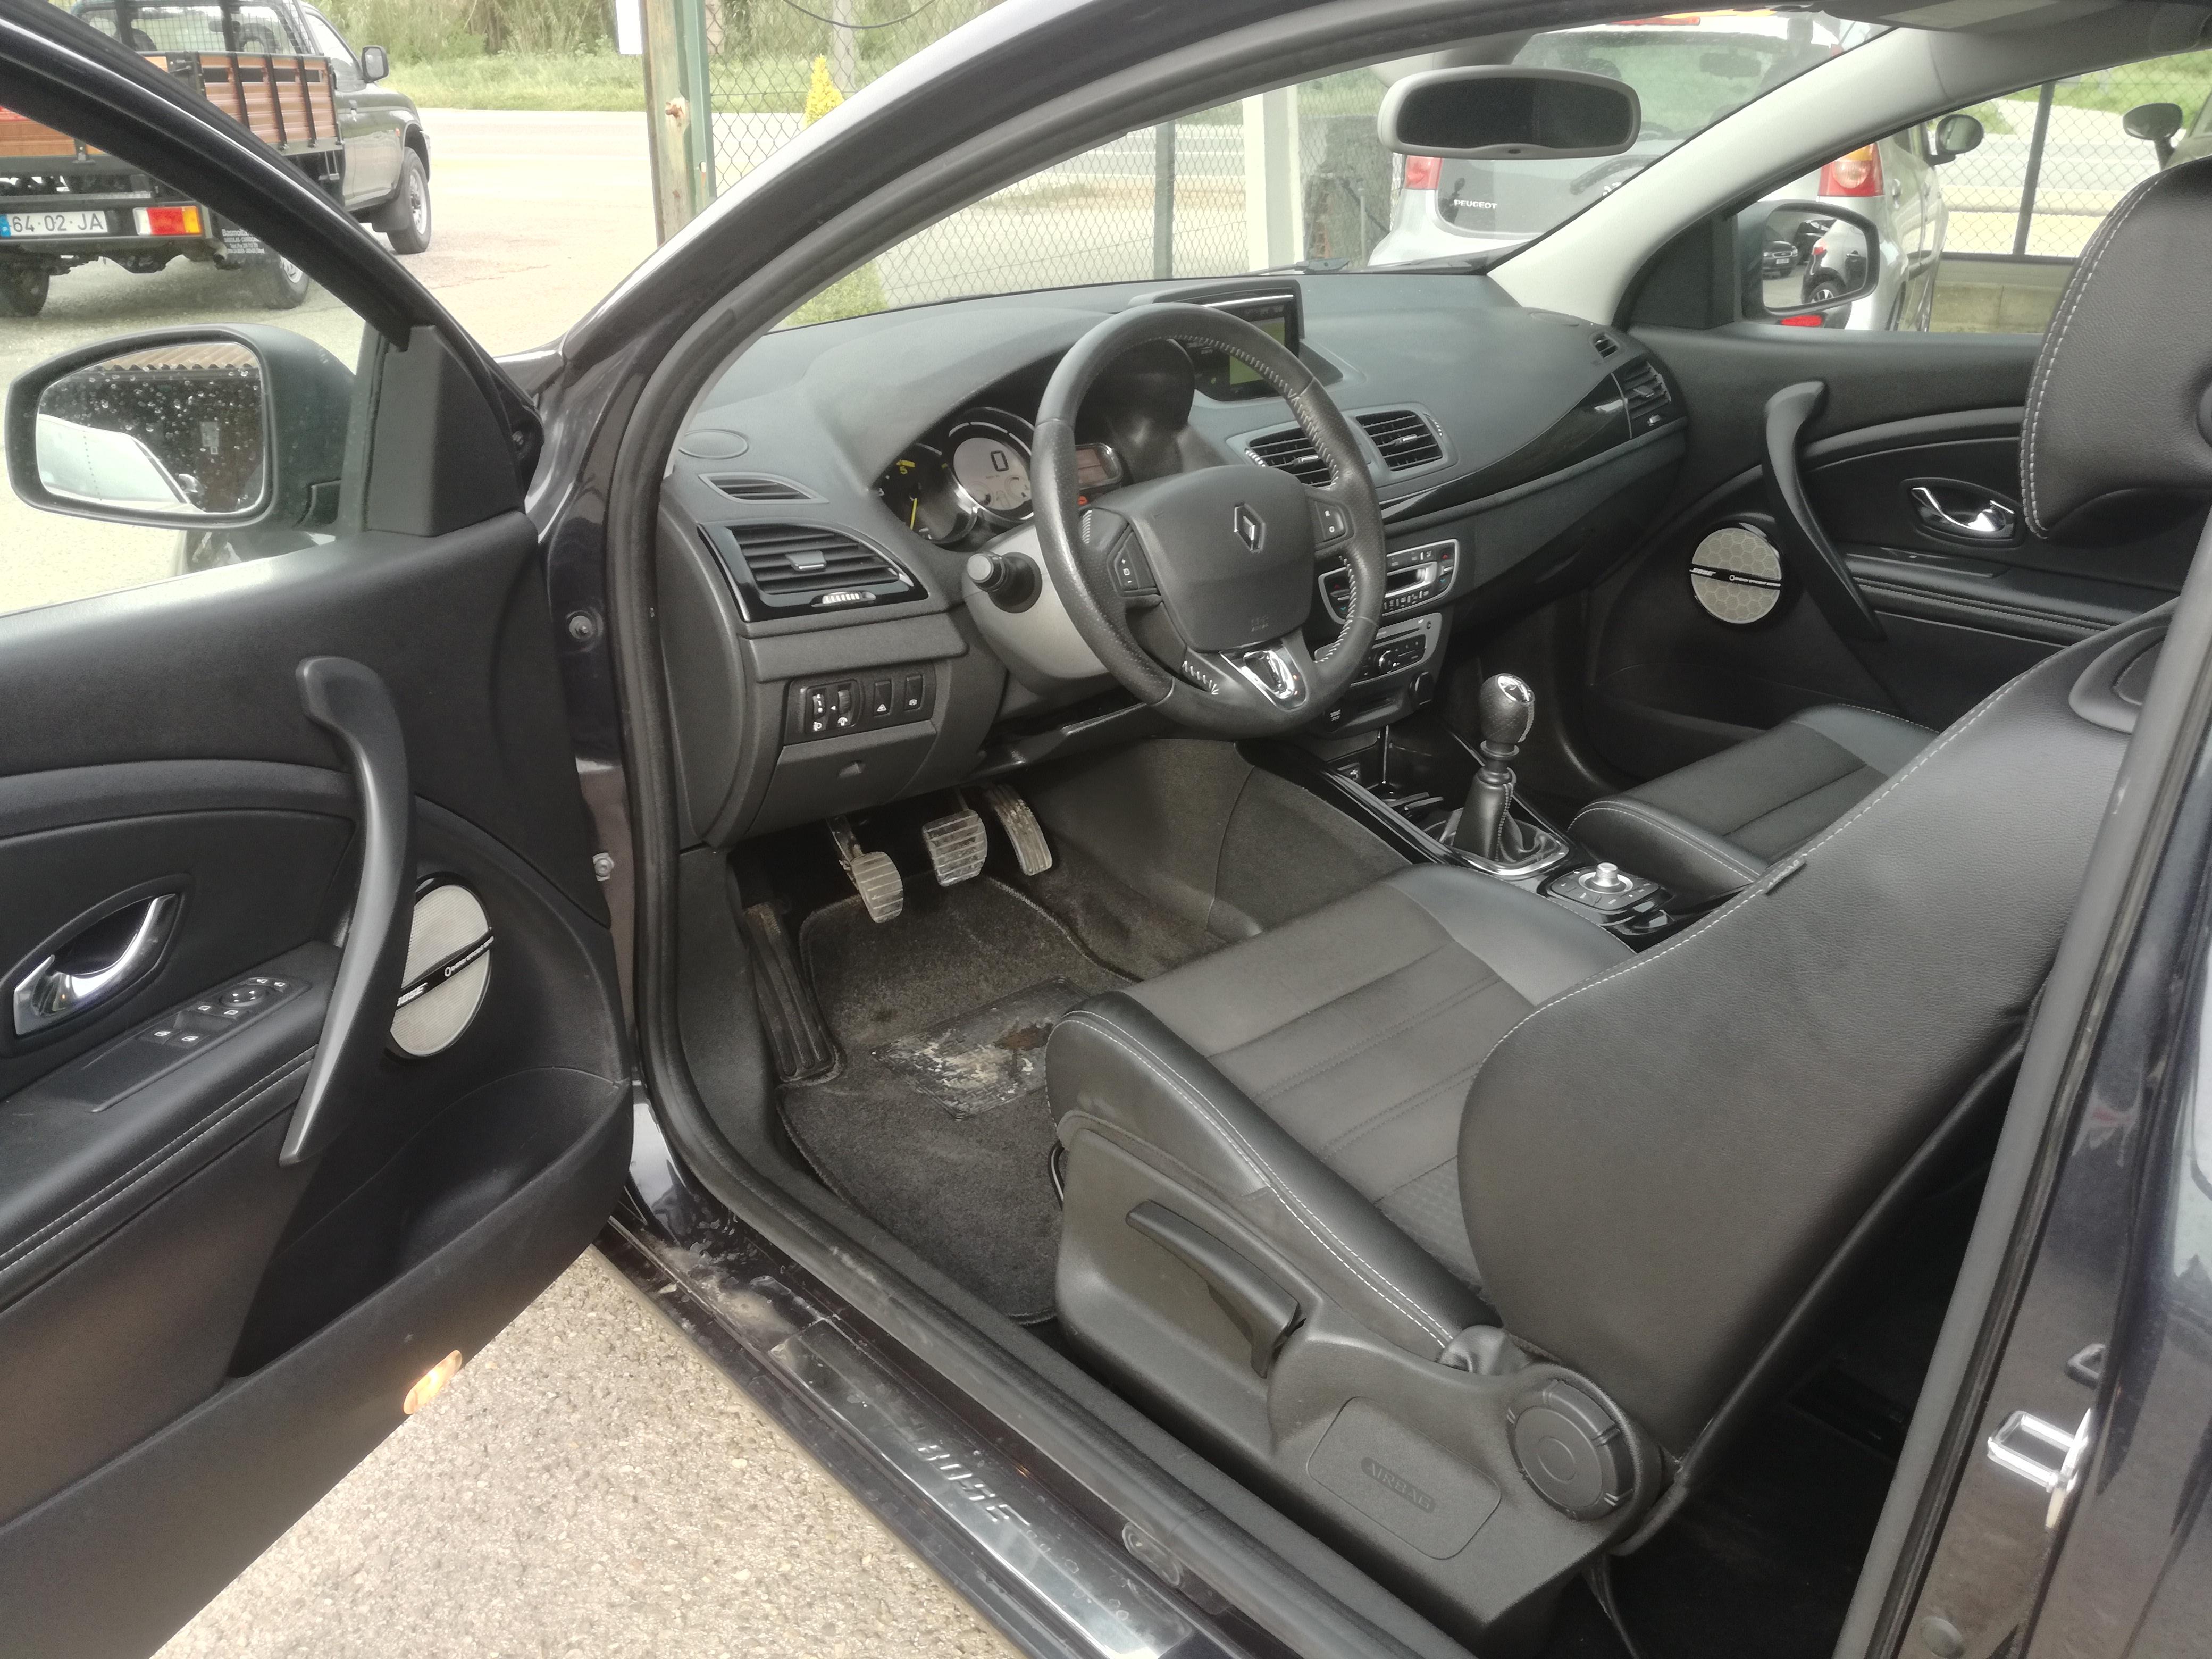 Renault Mégane Coupe 1.6 DCI 130 Bose Edition   Imagem 7